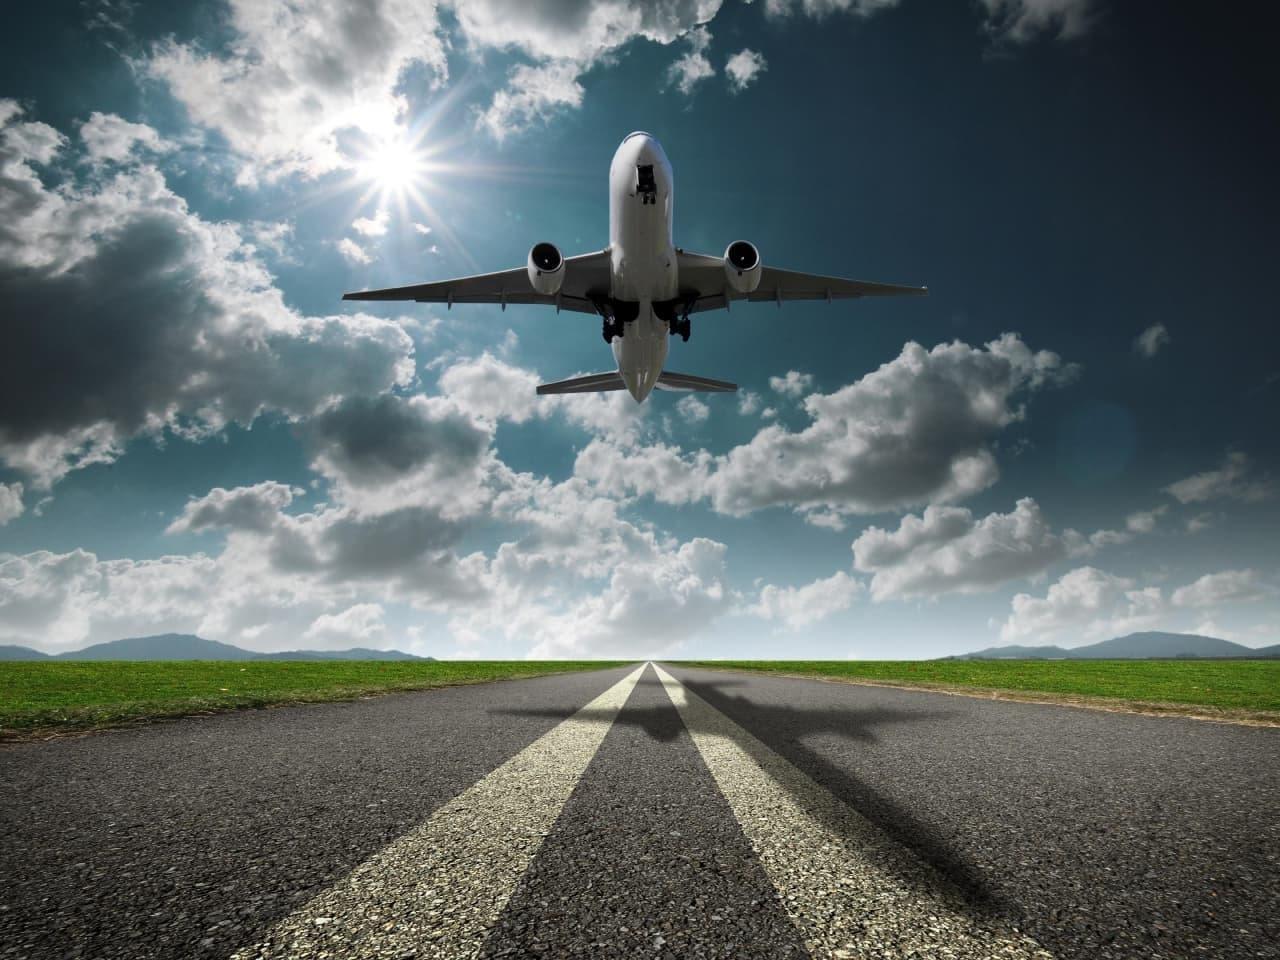 Mıyekuape (Maikop) Havaalanının Sivil Uçuşlara Açılması Düşünülüyor